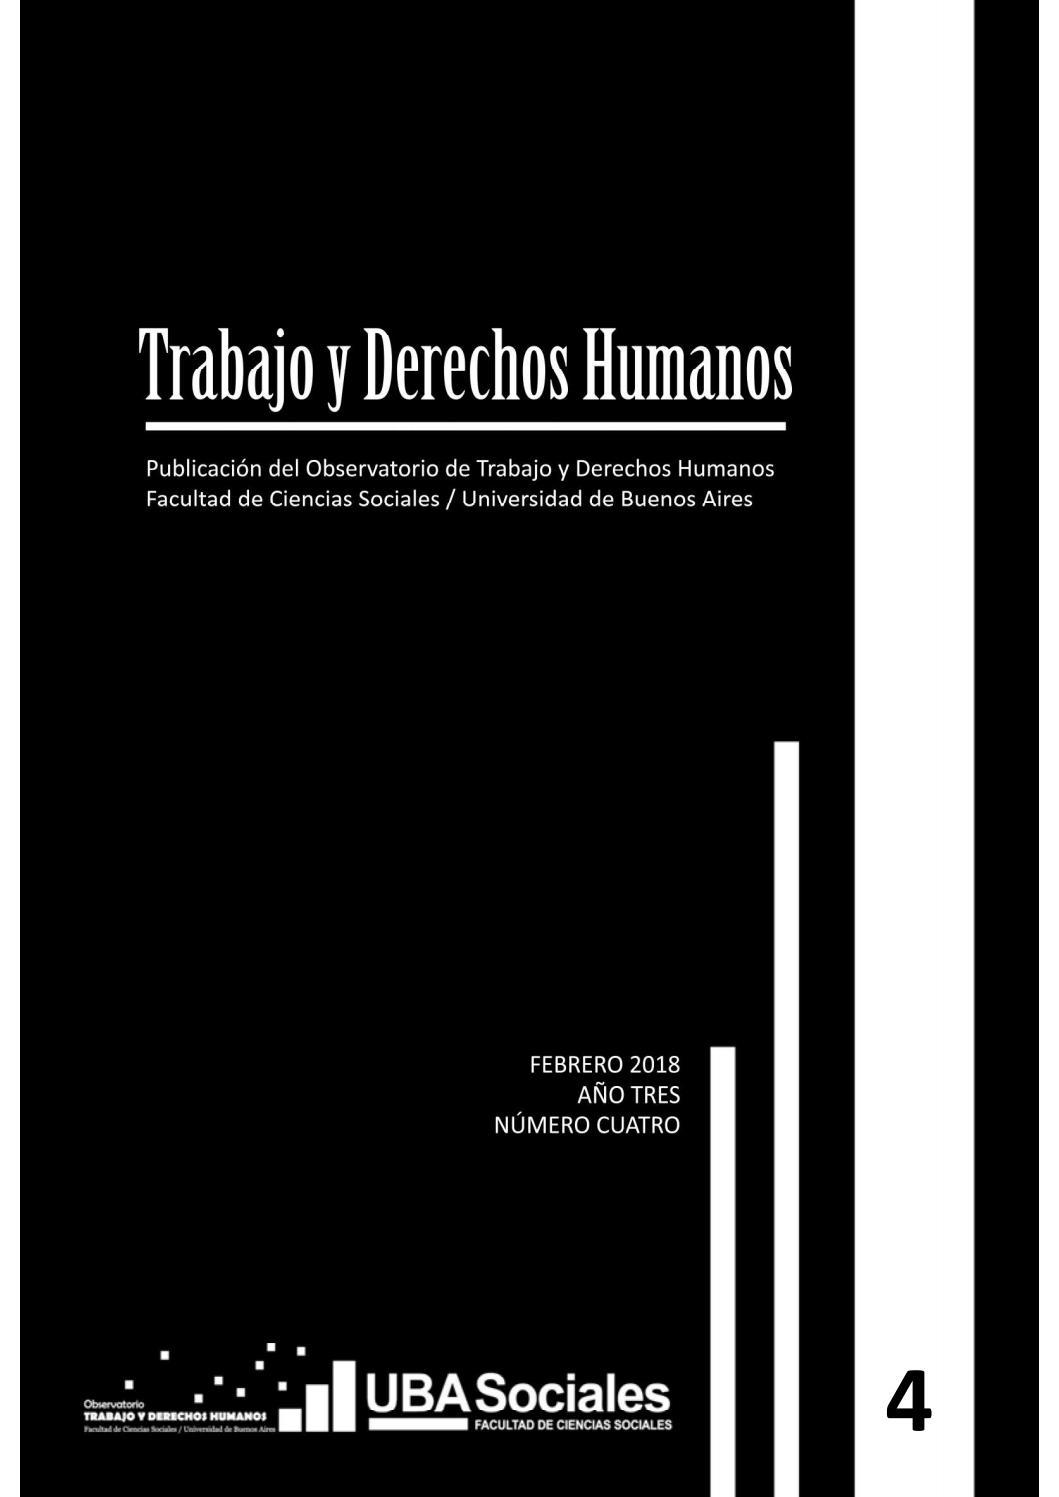 Revista Trabajo y Derechos Humanos #4 by Observatorio de Trabajo y Derechos  Humanos - issuu